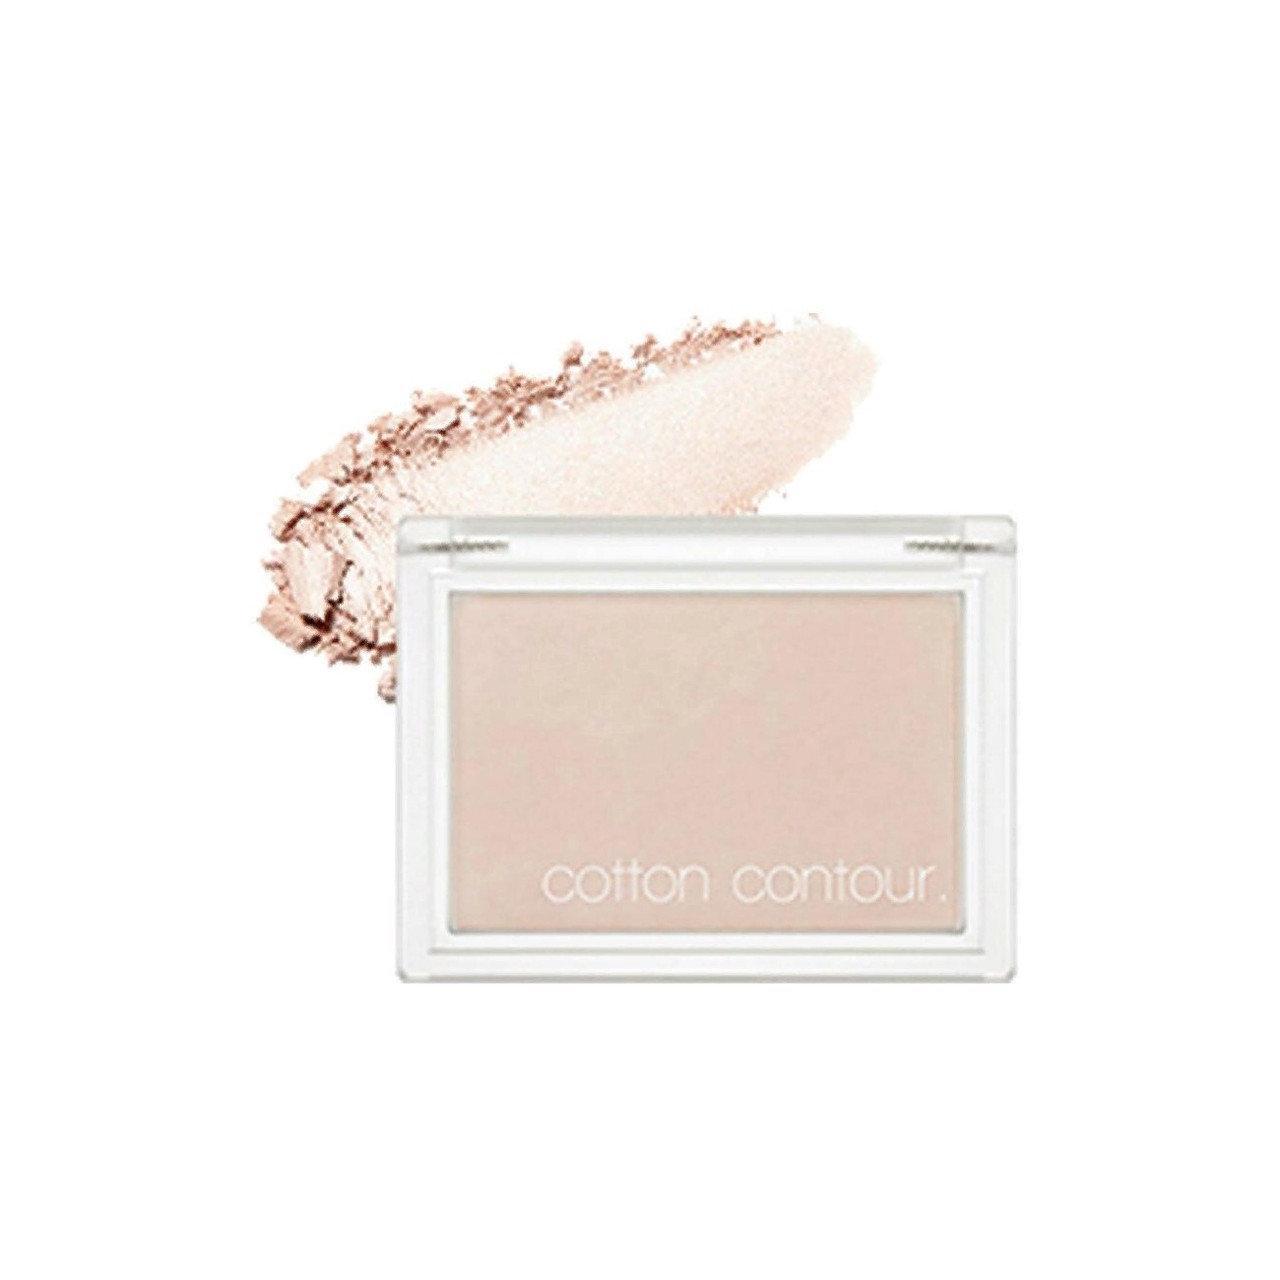 Хлопковые румяна для контурирования лица Missha Cotton Contour Sparkling Shake 4 г (8809581444409)